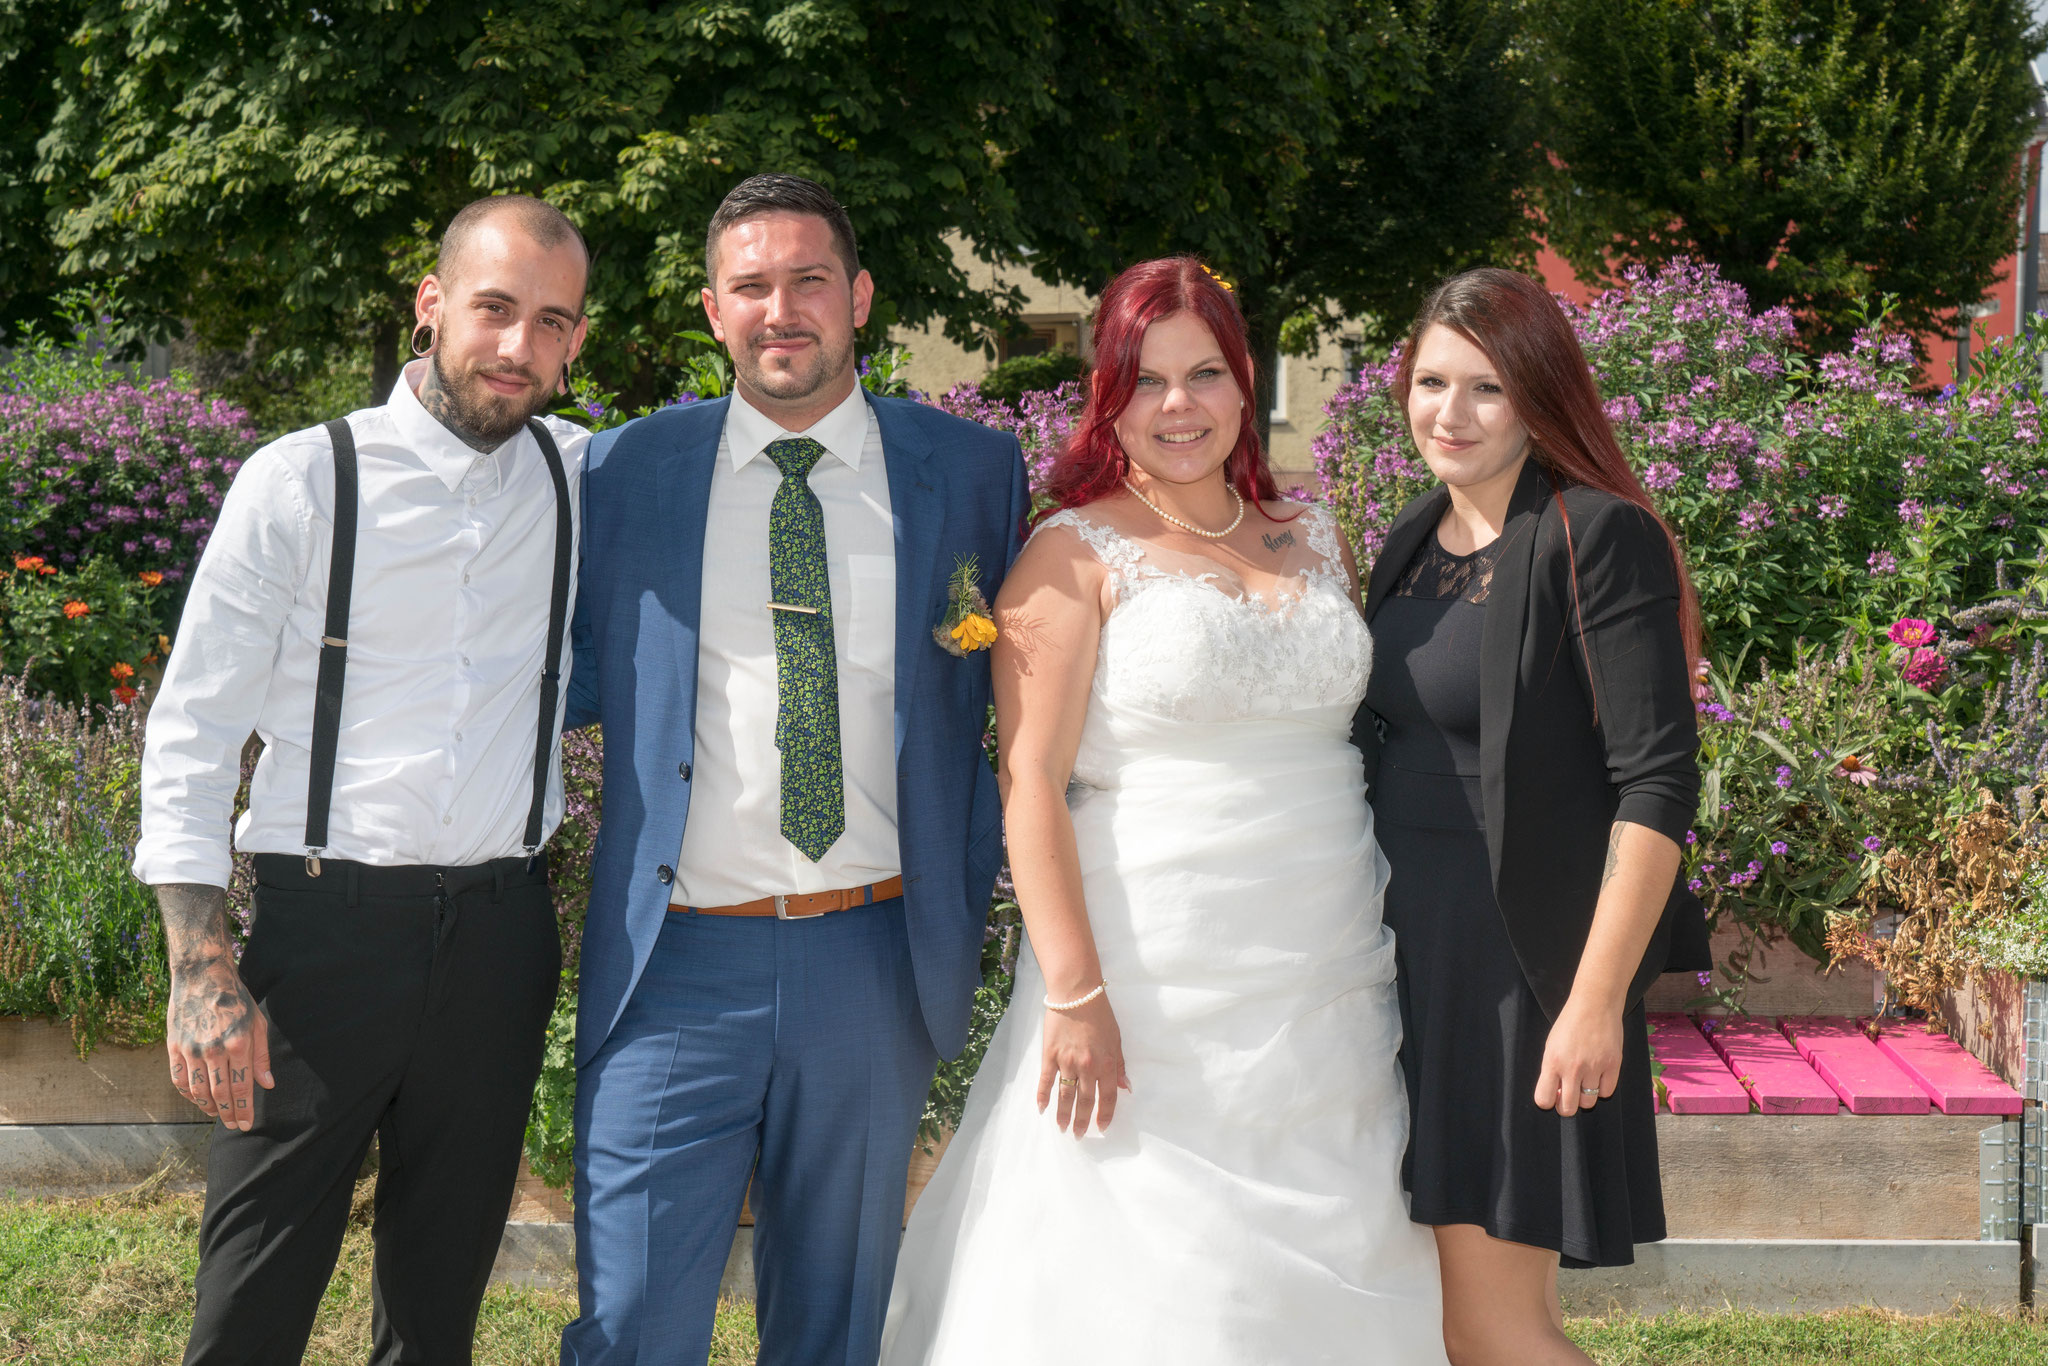 Brautpaar mit Trauzeugen.